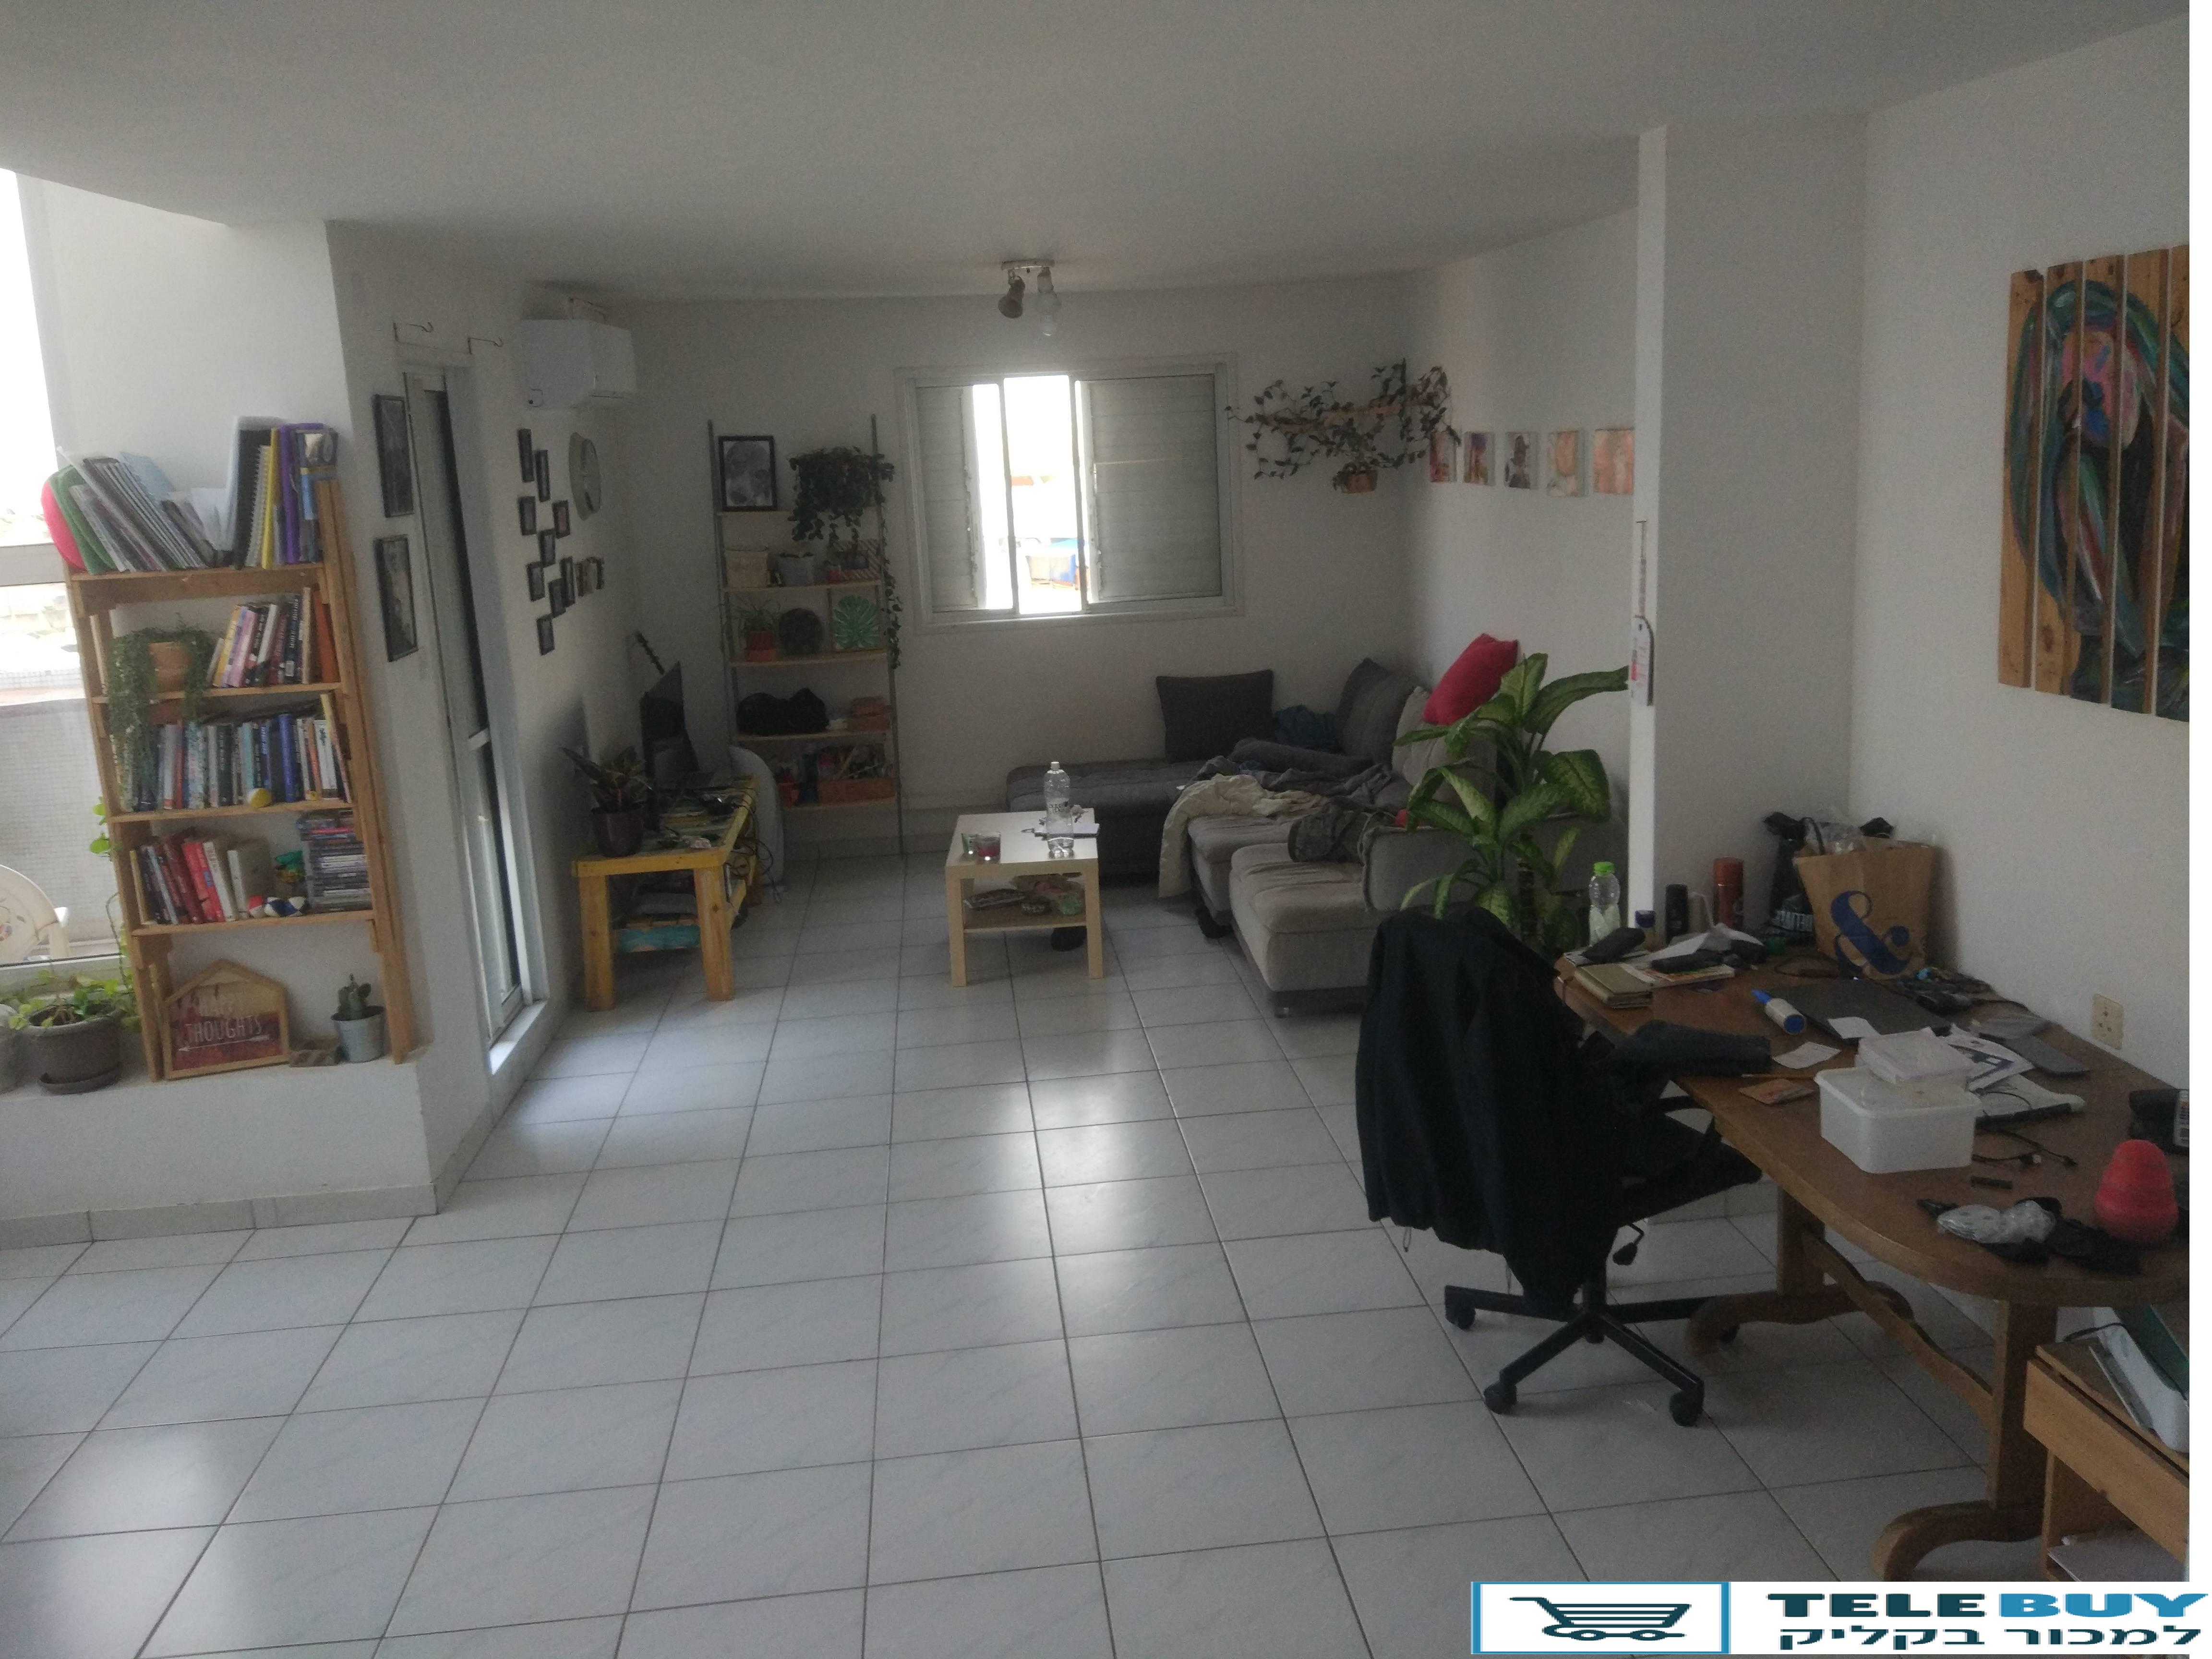 דירות למכירה פנטהאוז בנתניה